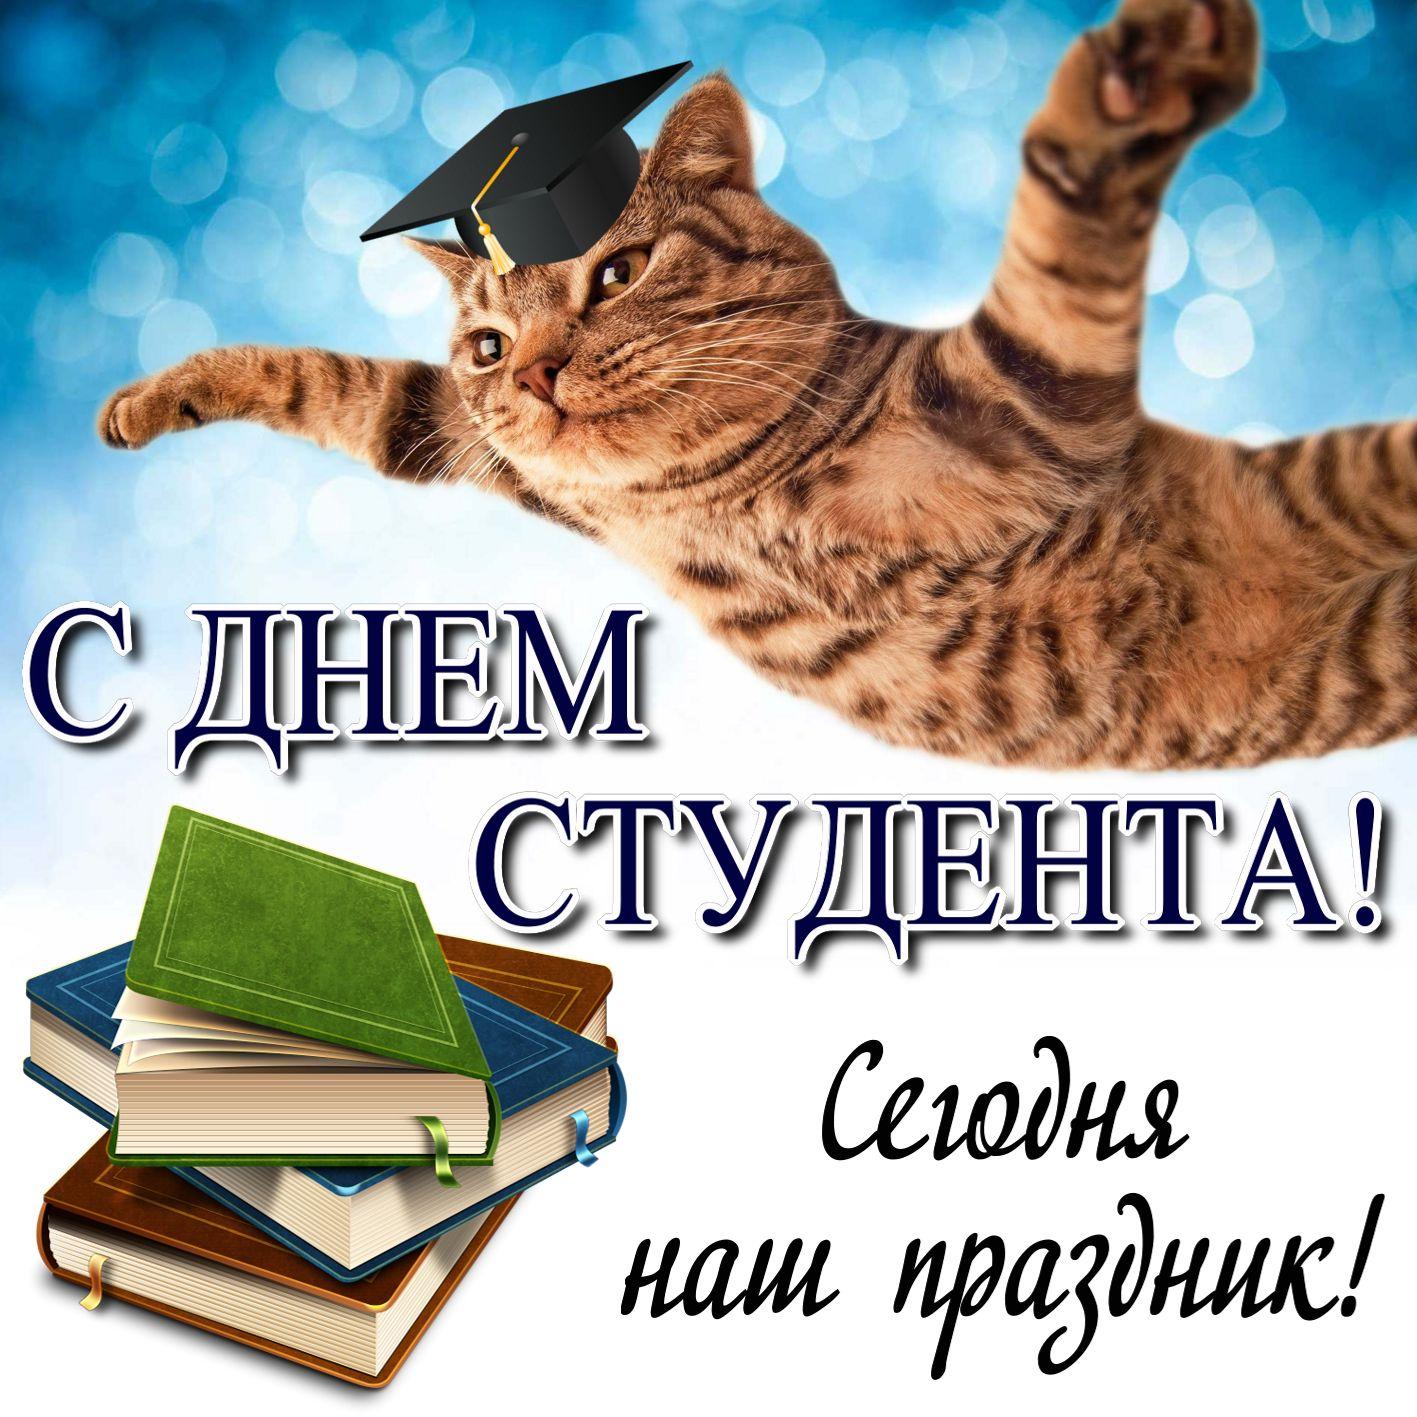 Красивая открытка, гифка с Татьяниным днем, с днем студента